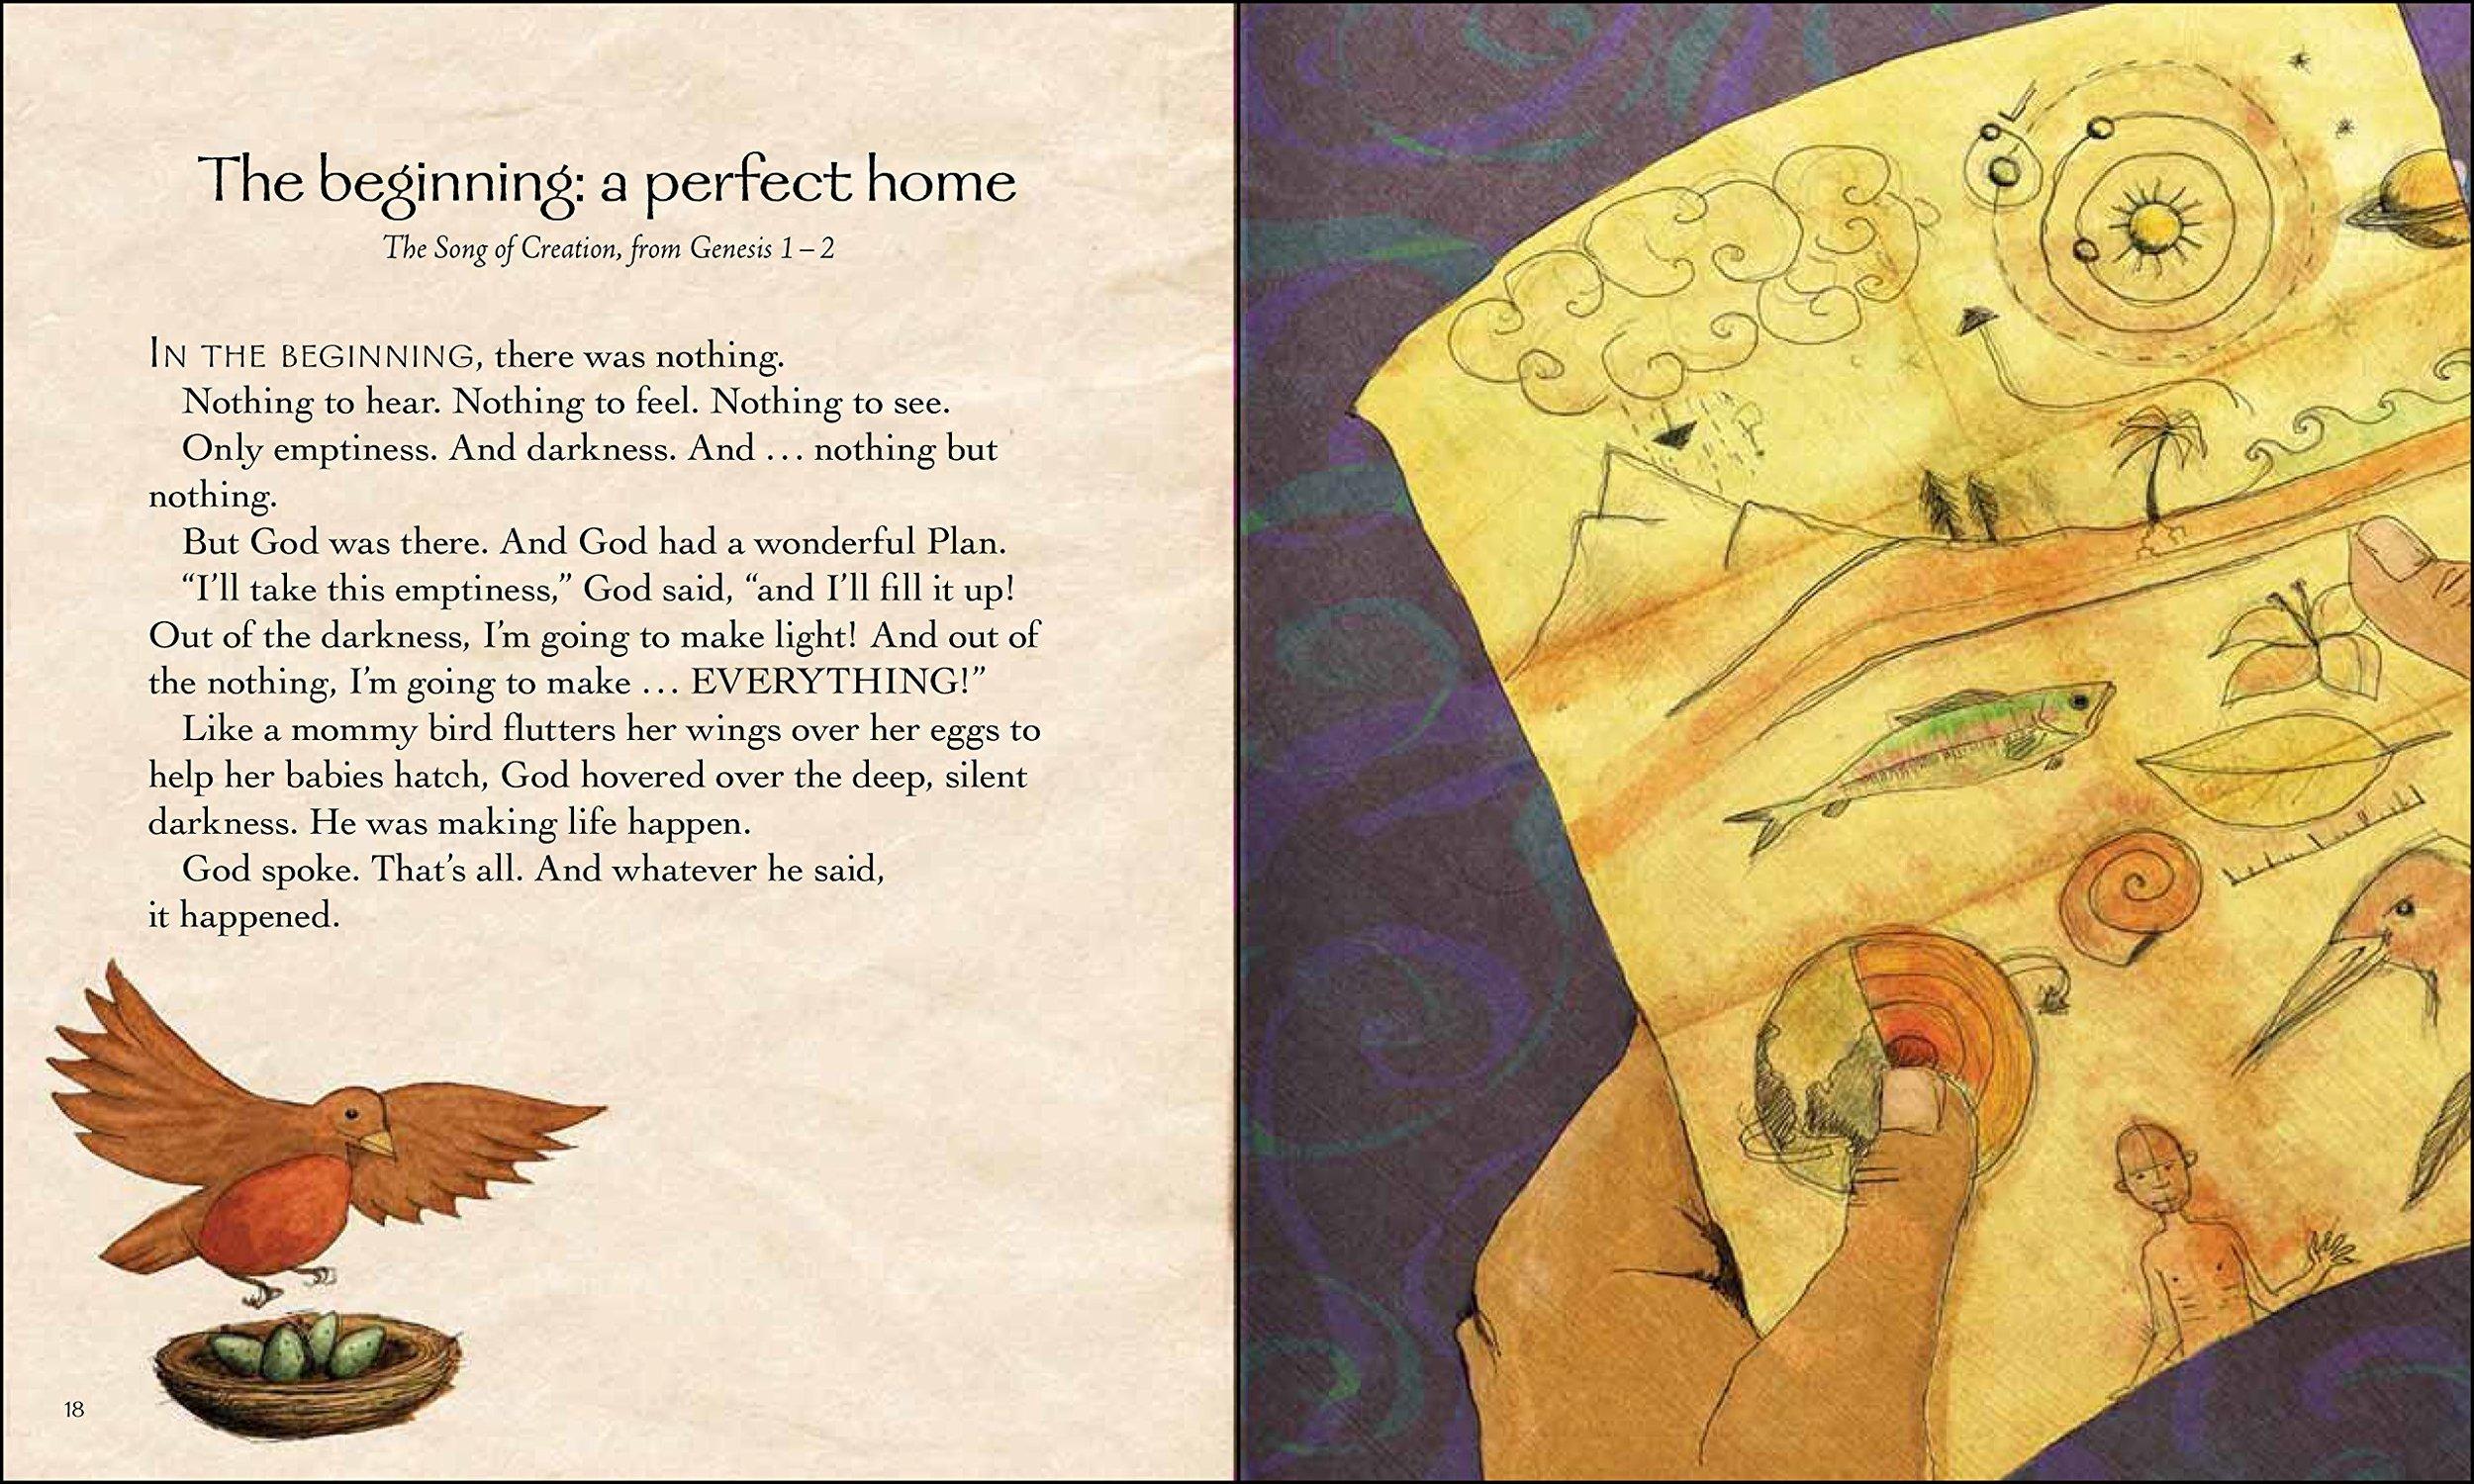 The Jesus Storybook2.jpg